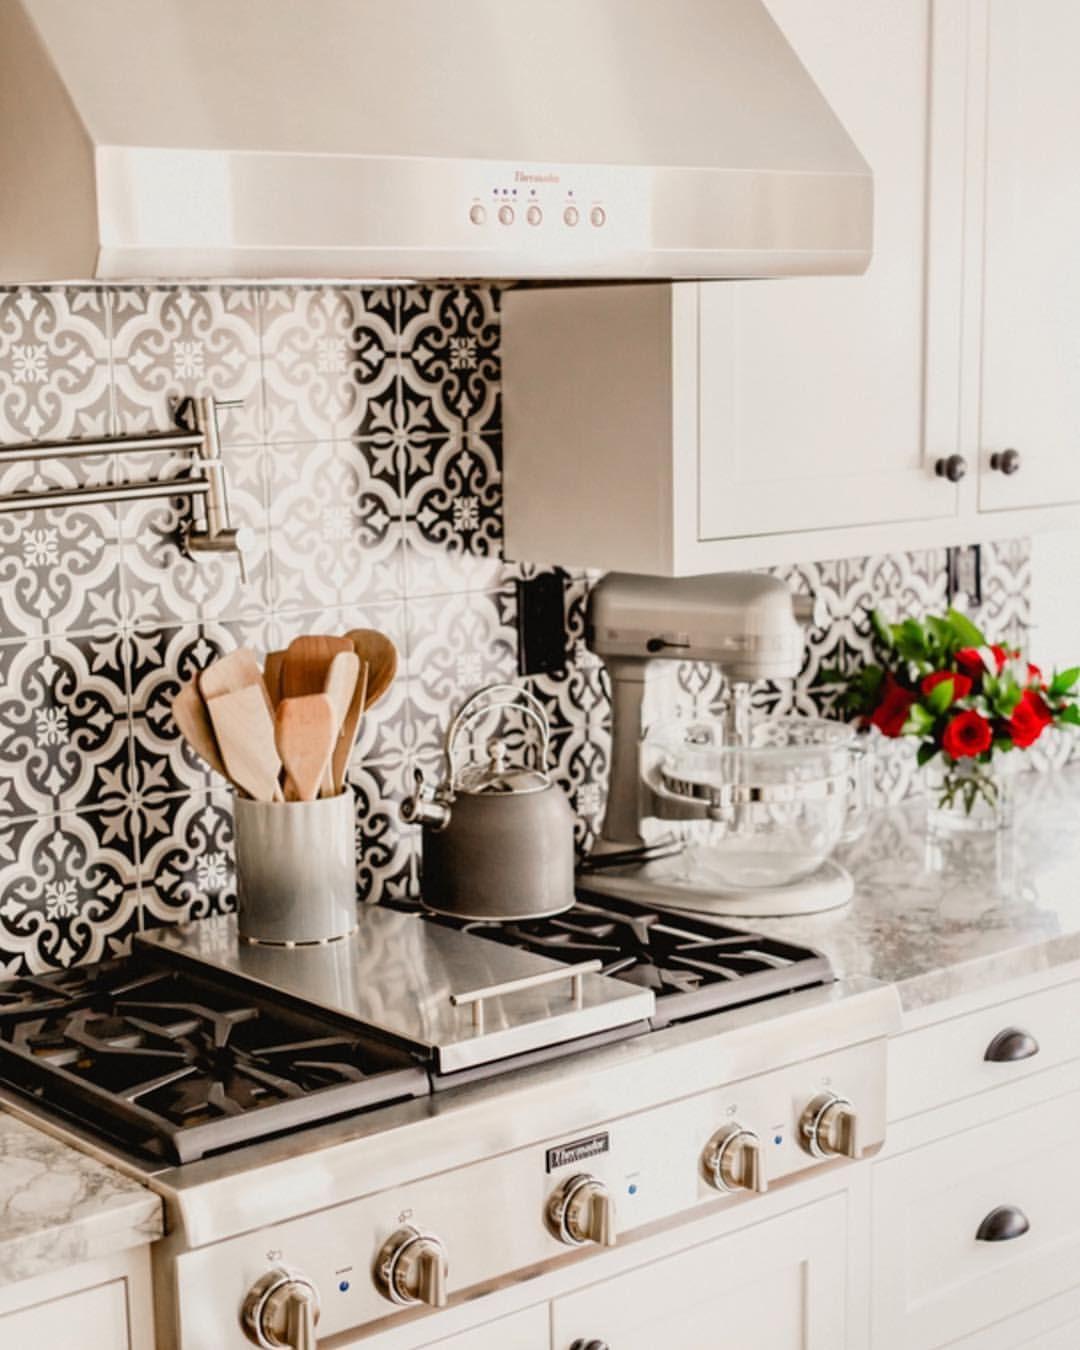 Backsplash Kitchen backsplash designs